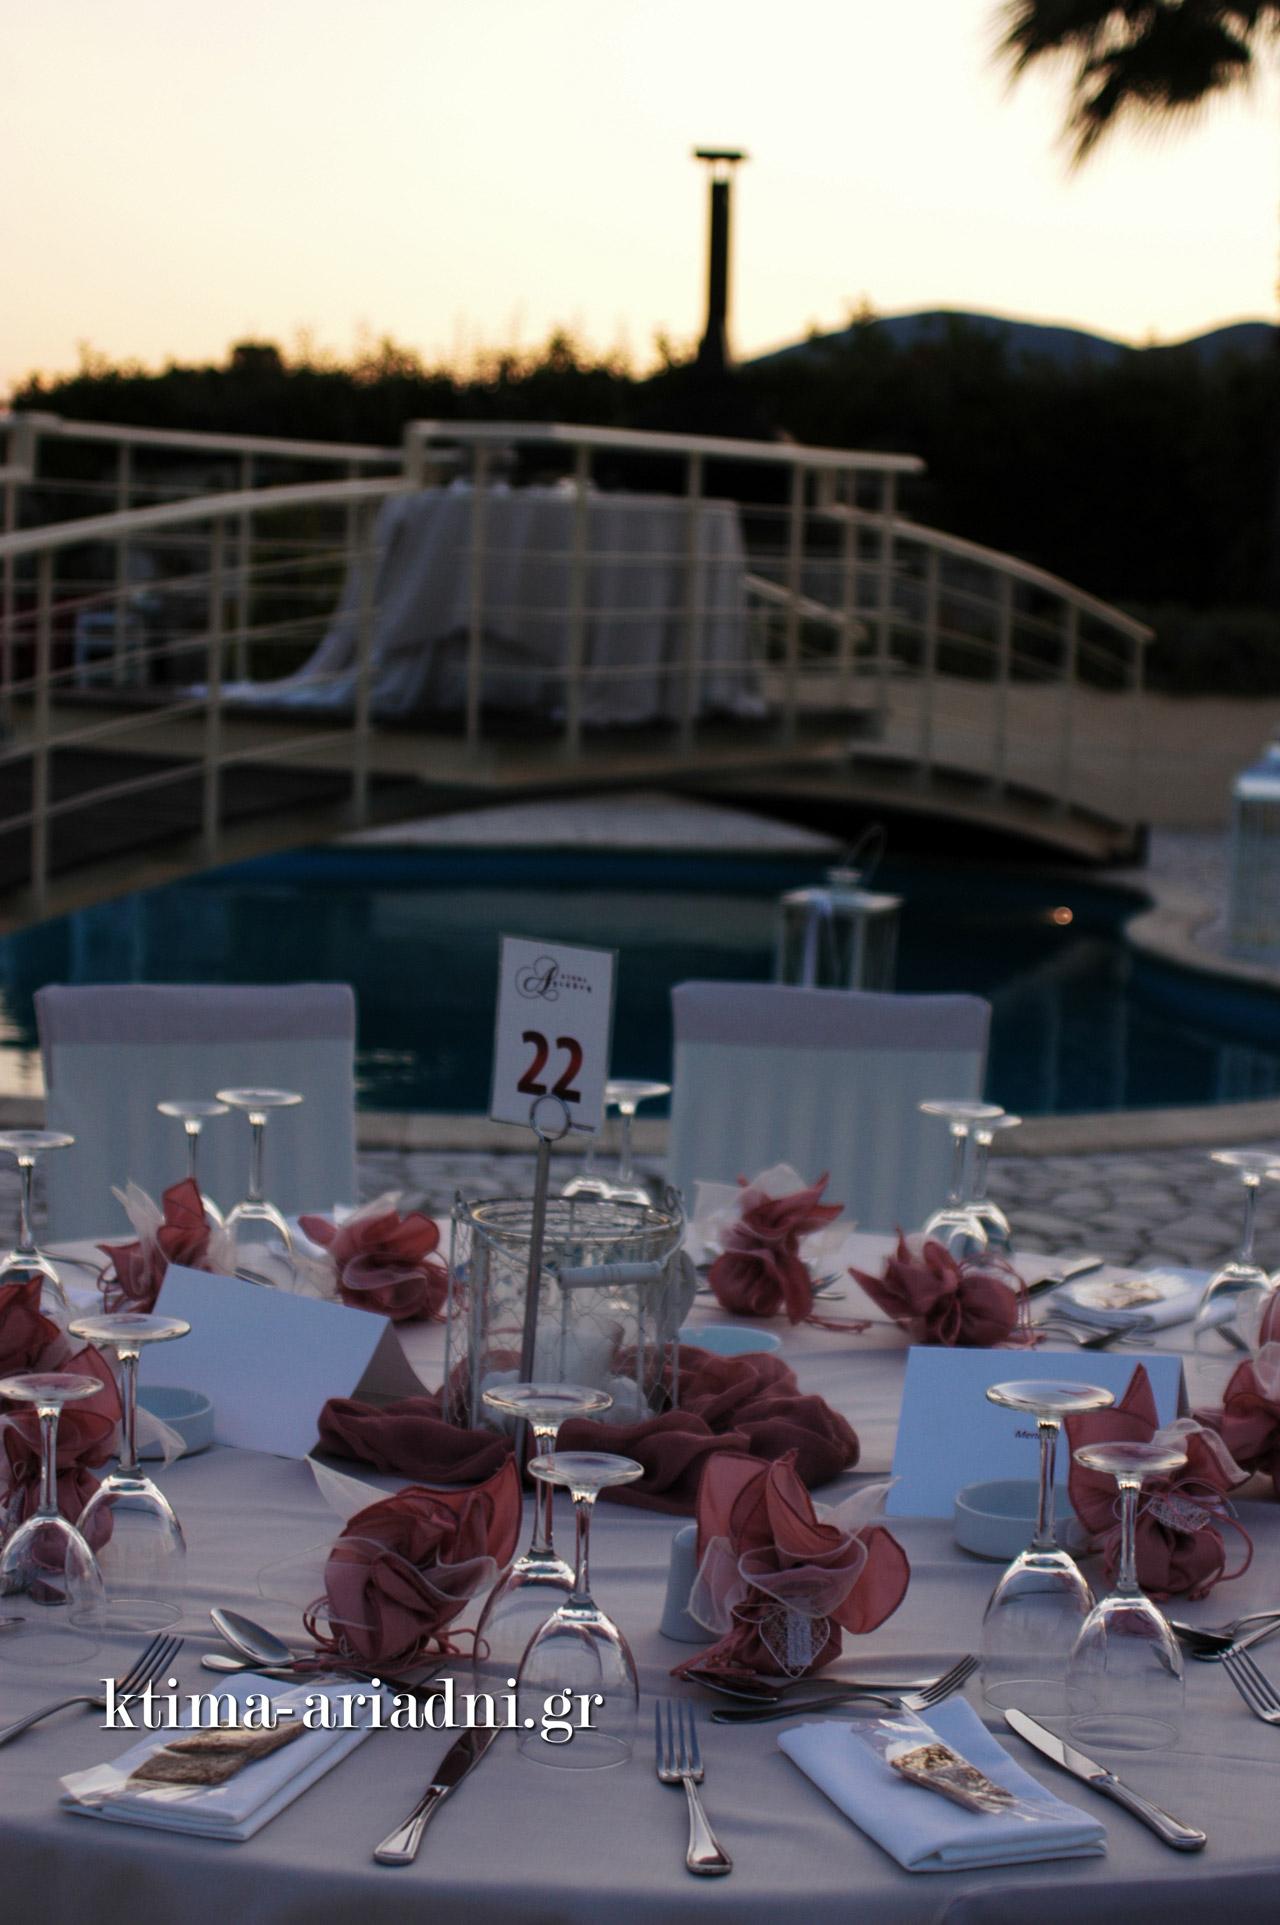 Δεξίωση γάμου στο κτήμα Αριάδνη δίπλα στην πισίνα